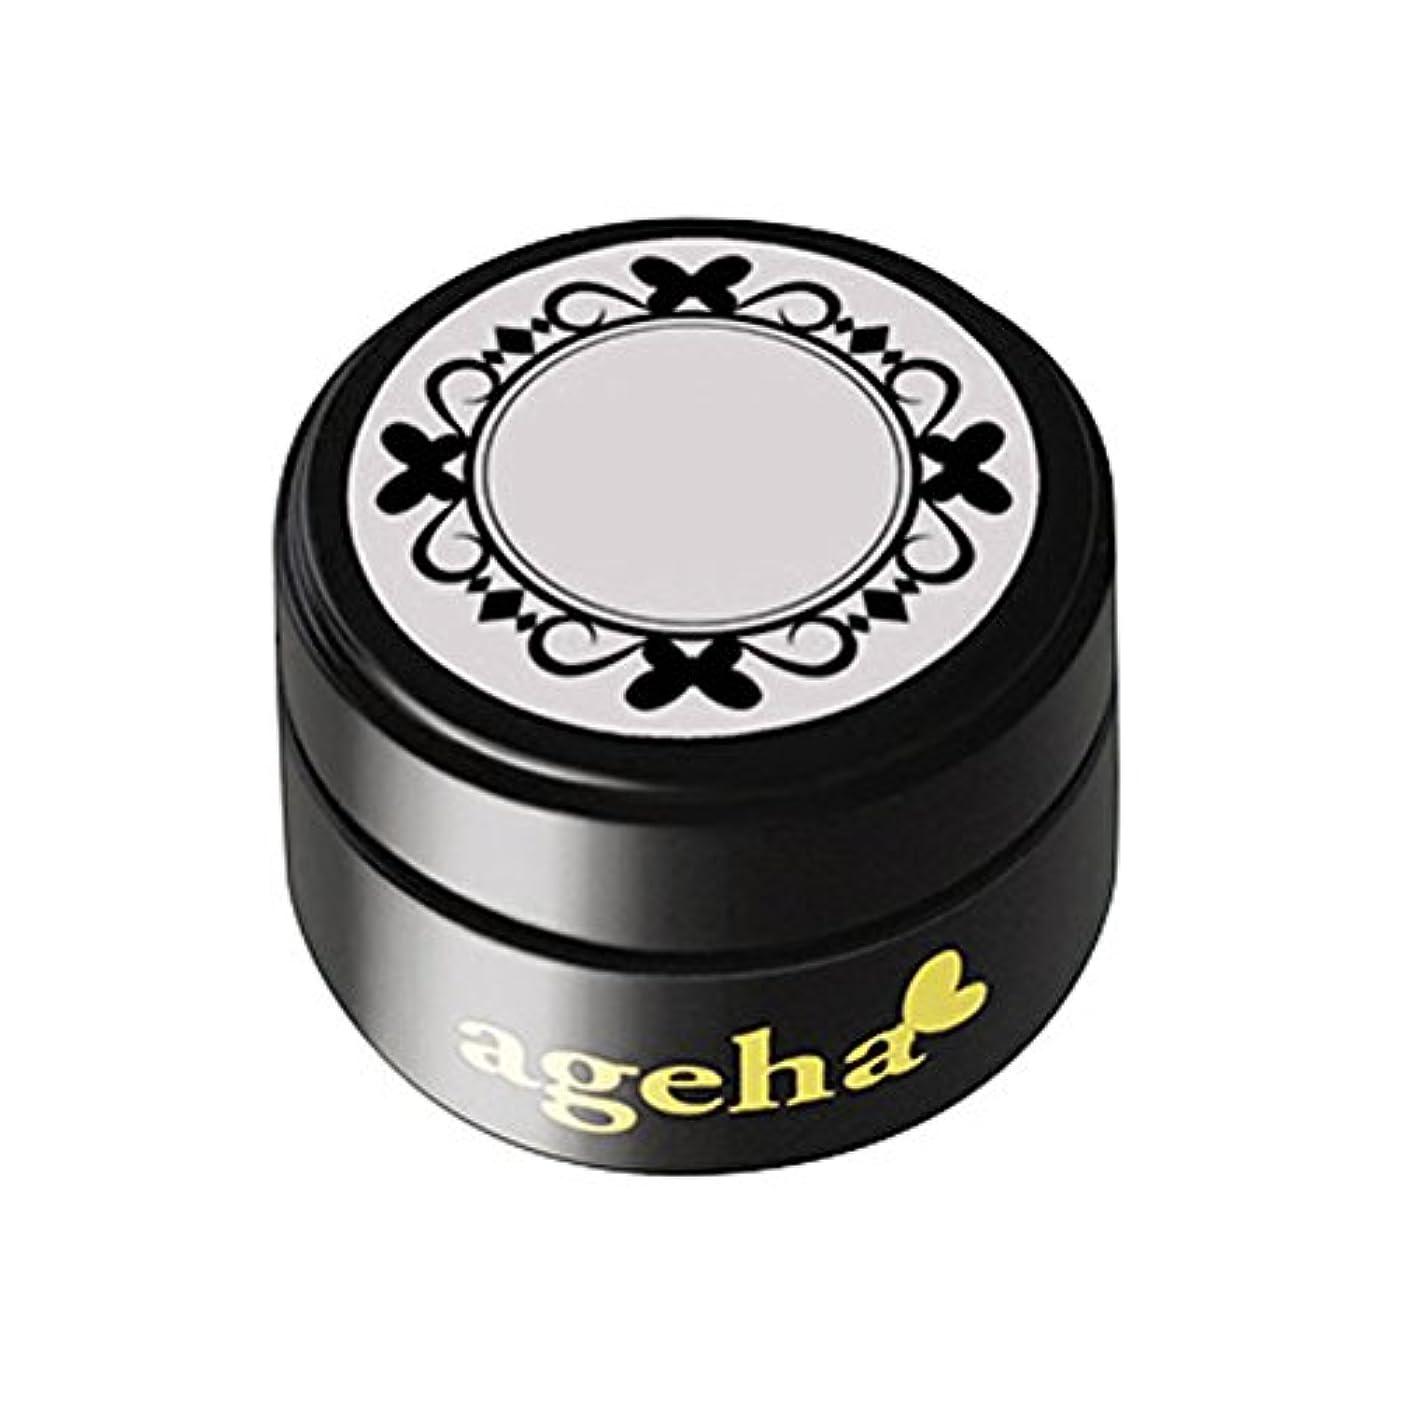 うねる深遠思春期ageha gel カラージェル コスメカラー 113 クラシカルピンク 2.7g UV/LED対応